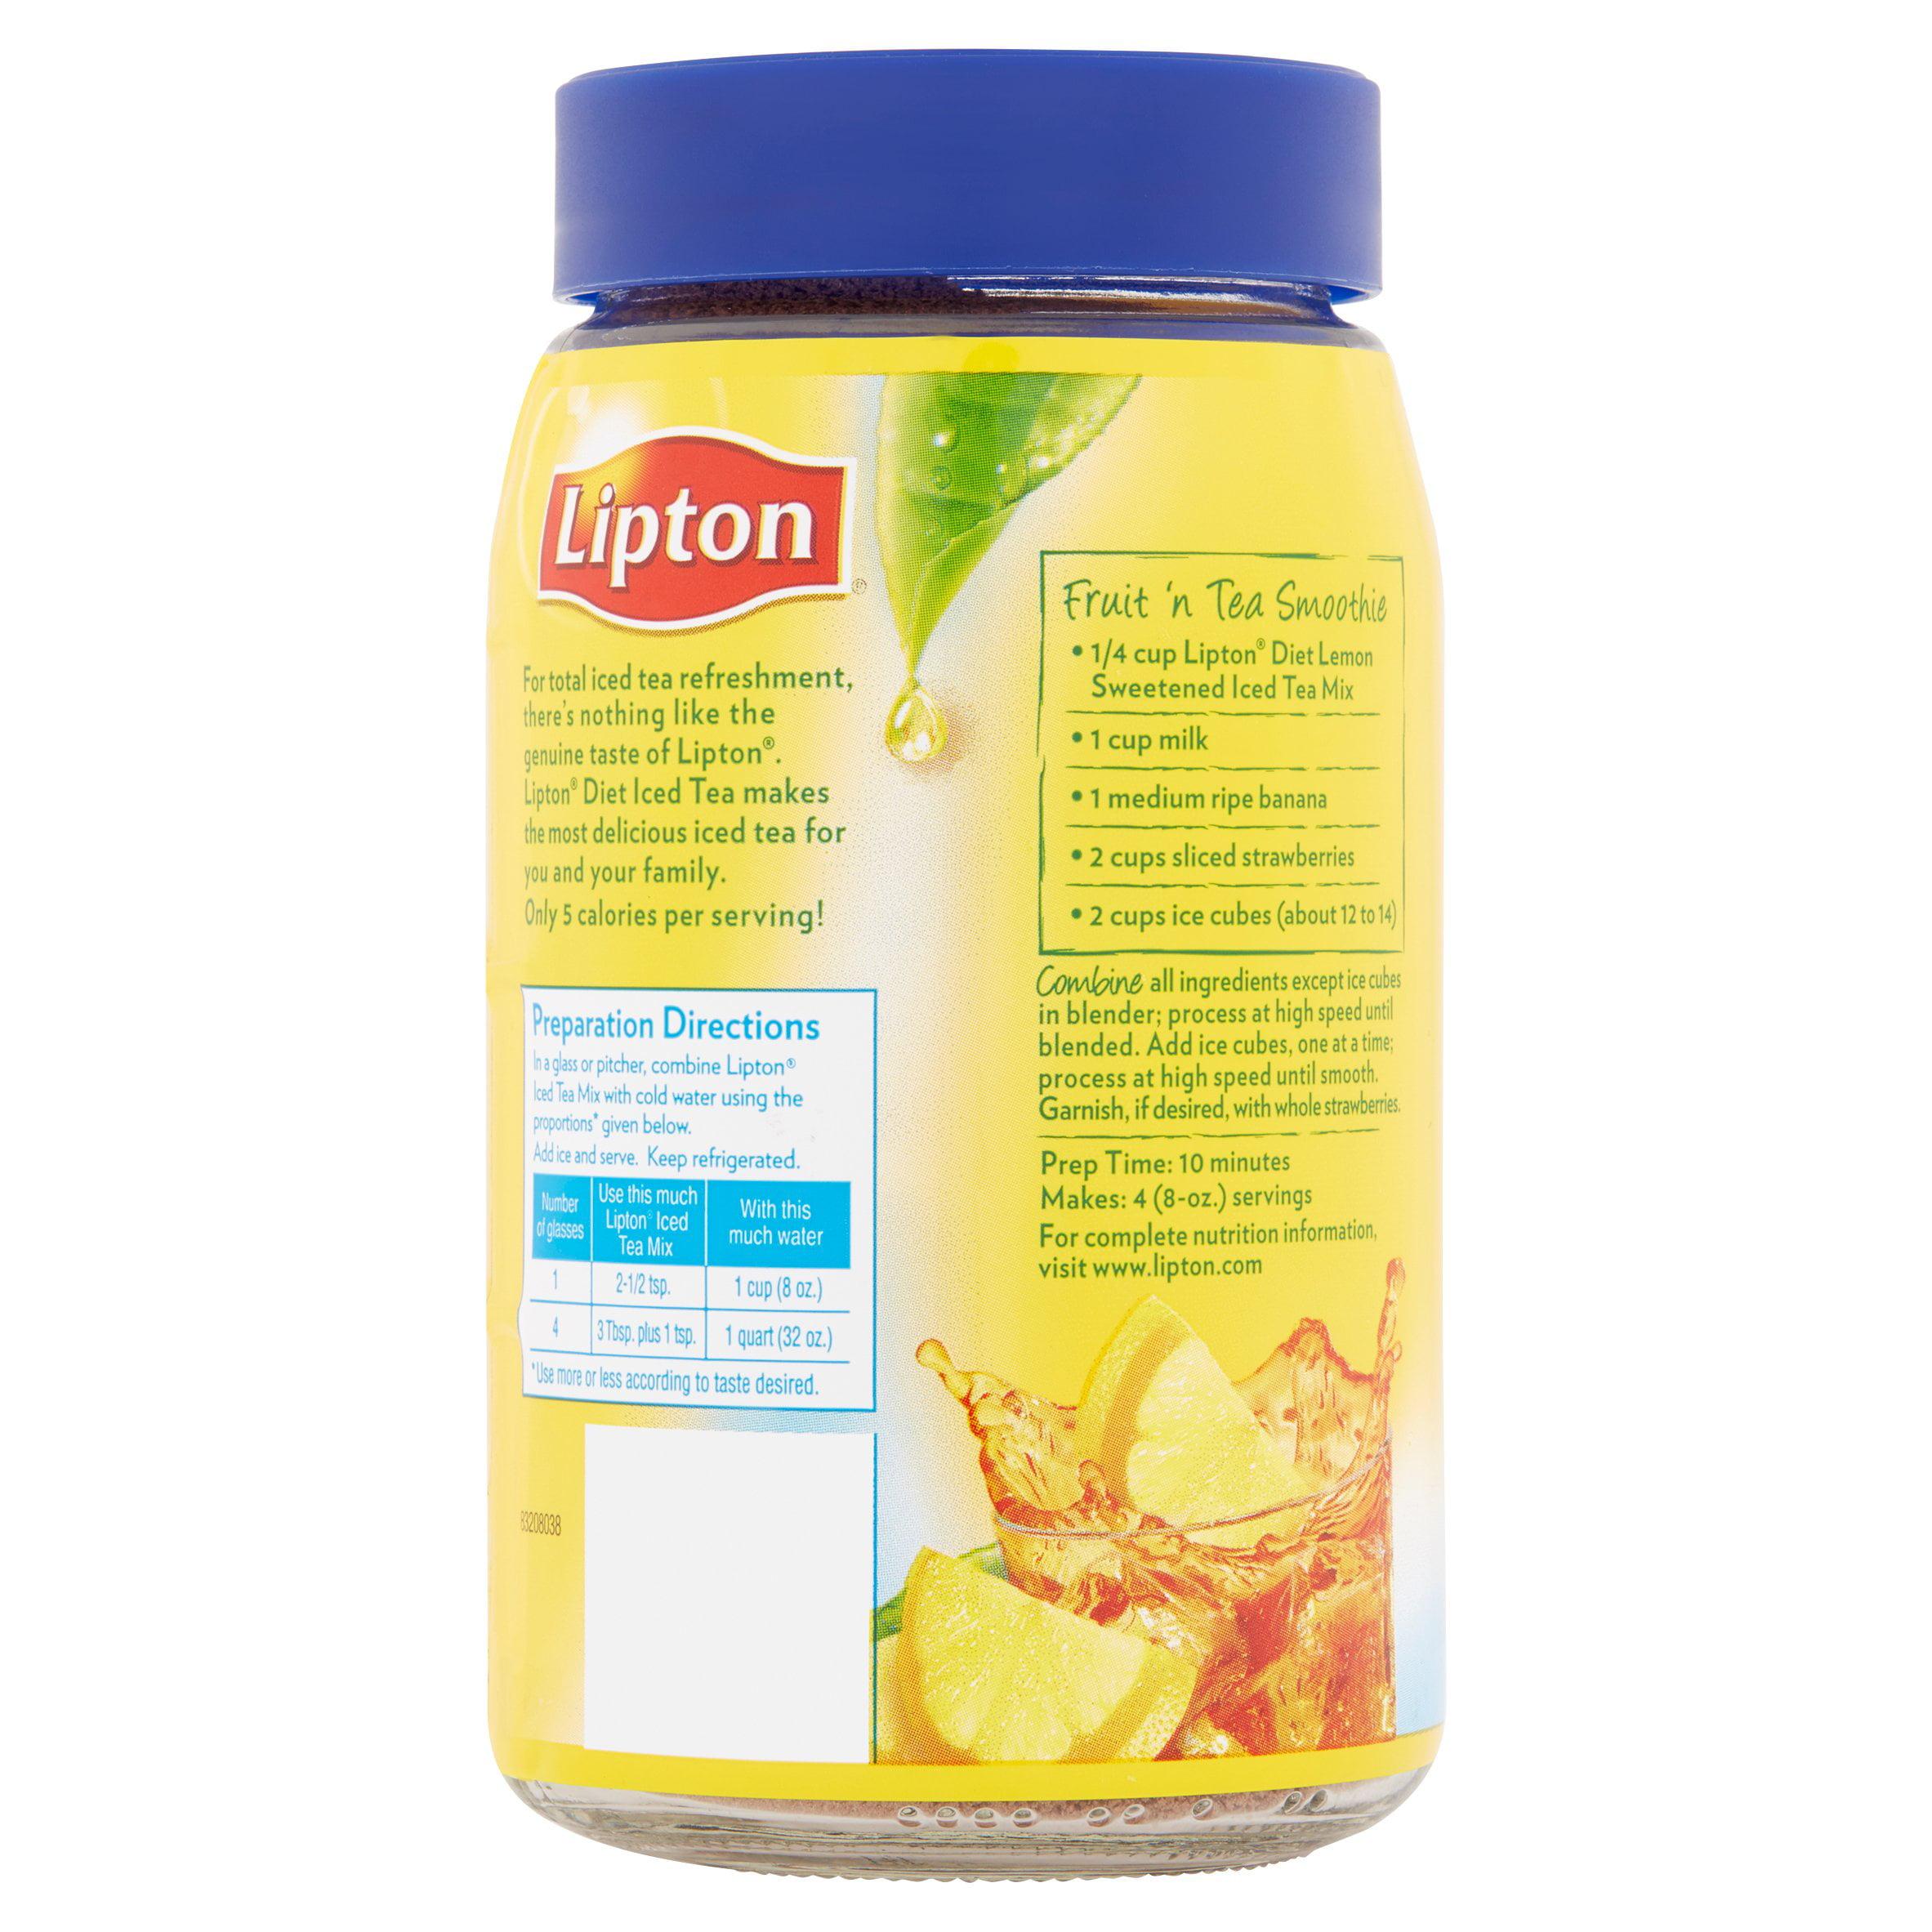 Lipton Black Iced Tea Mix Diet Lemon 10 Qt   Walmart.com